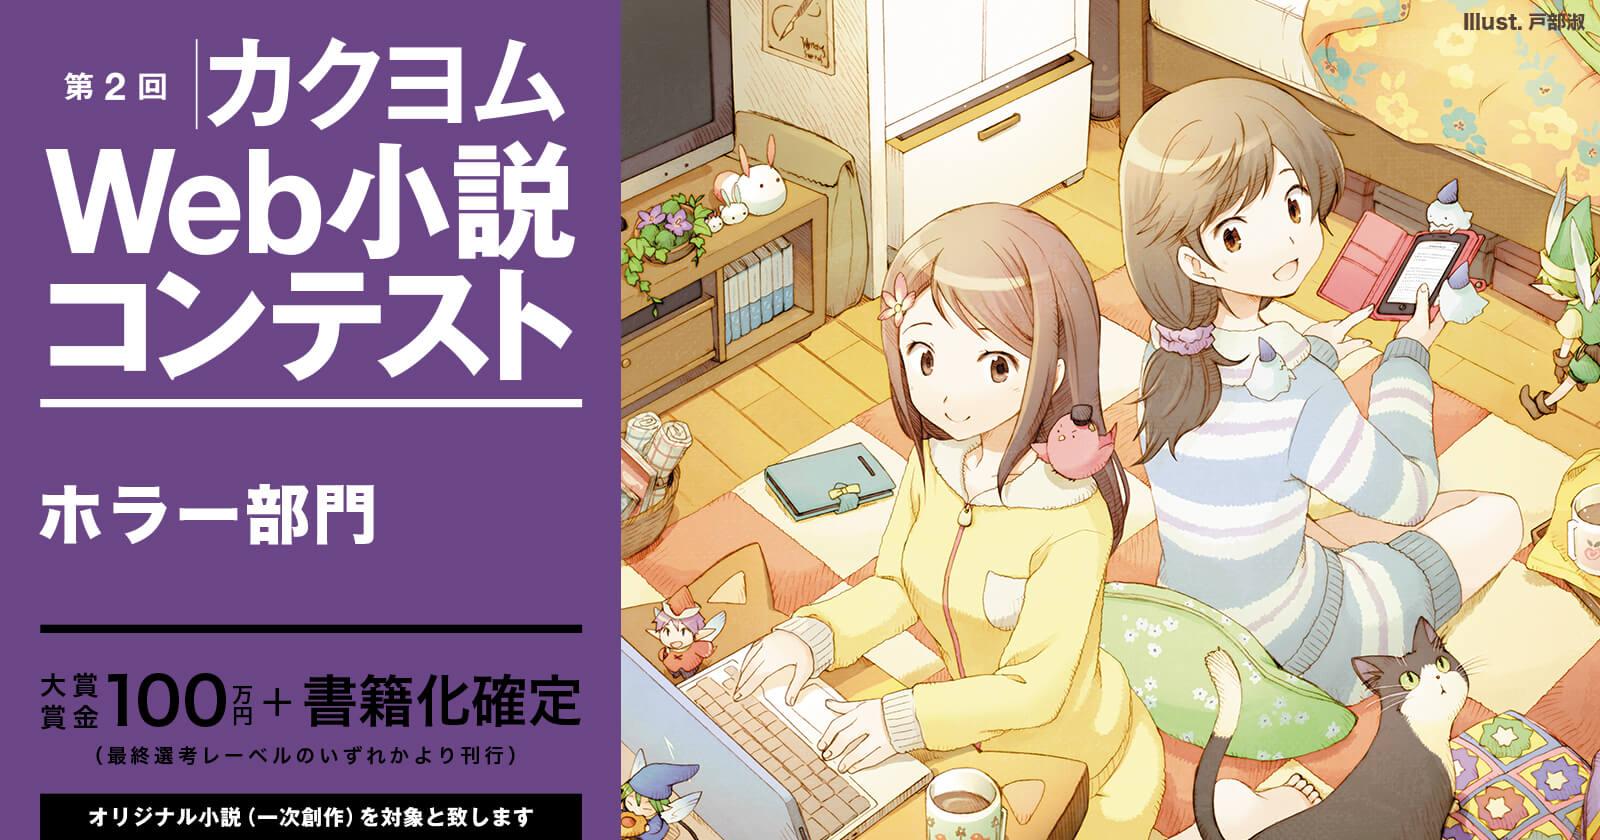 第2回カクヨムWeb小説コンテスト ホラー部門